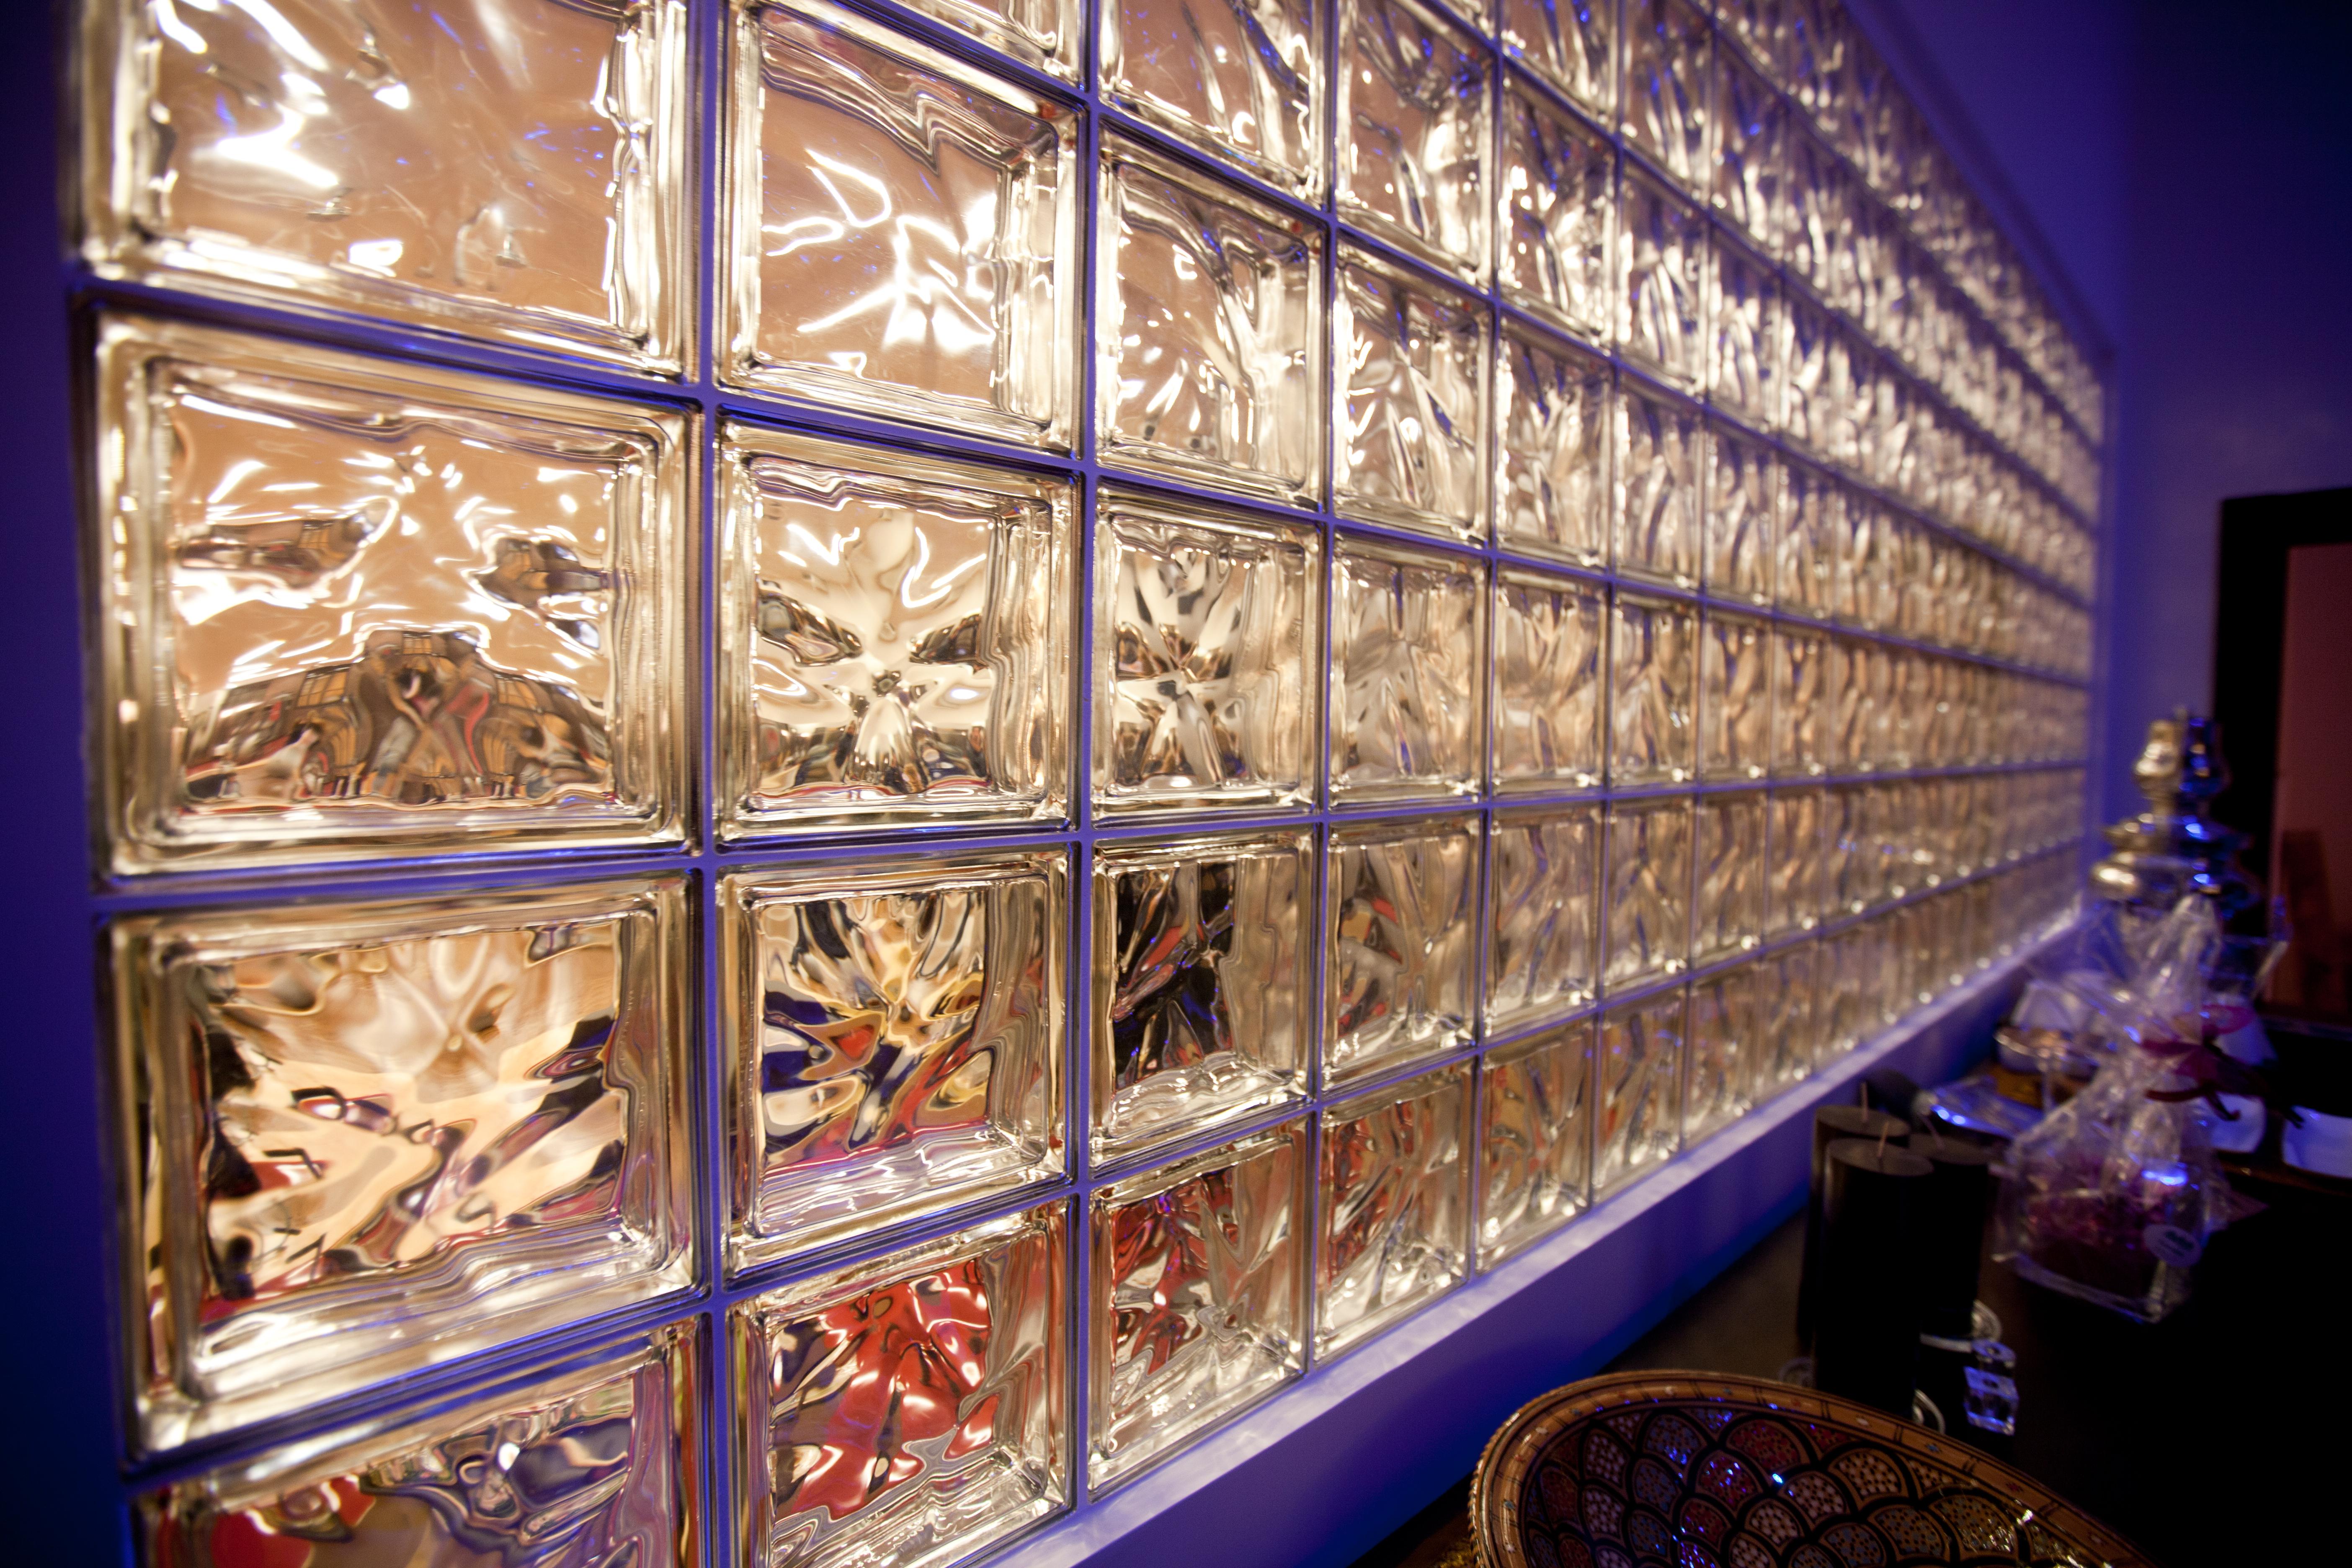 201110 FULLx300 inaugurazione loft triskell-72